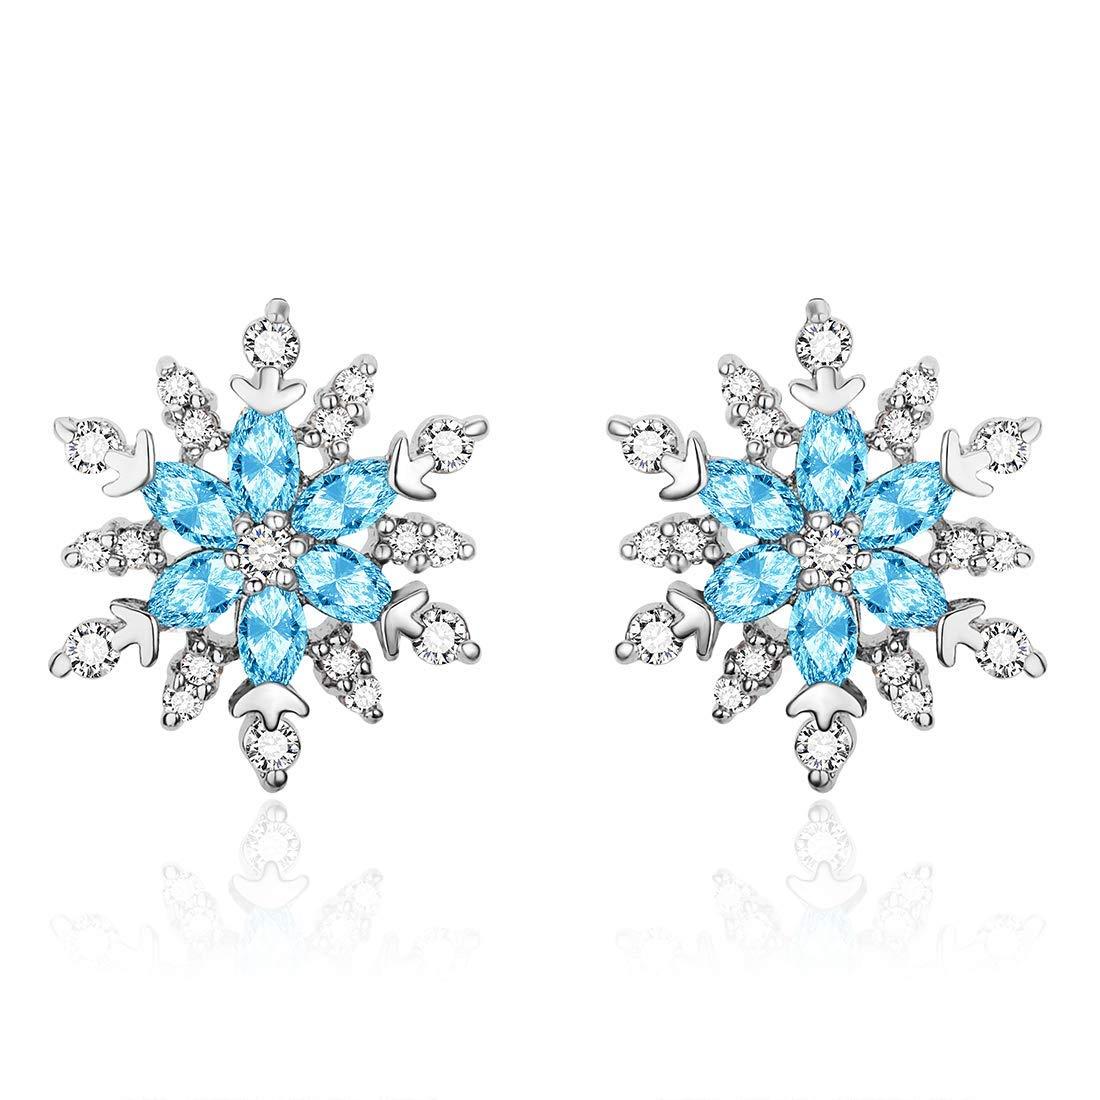 Flocon de Neige Pendentif Collier//Clous Boucles dOreilles Bijoux en Argent 925//1000 avec Bleu Oxydes De Zirconium pour Femmes Filles